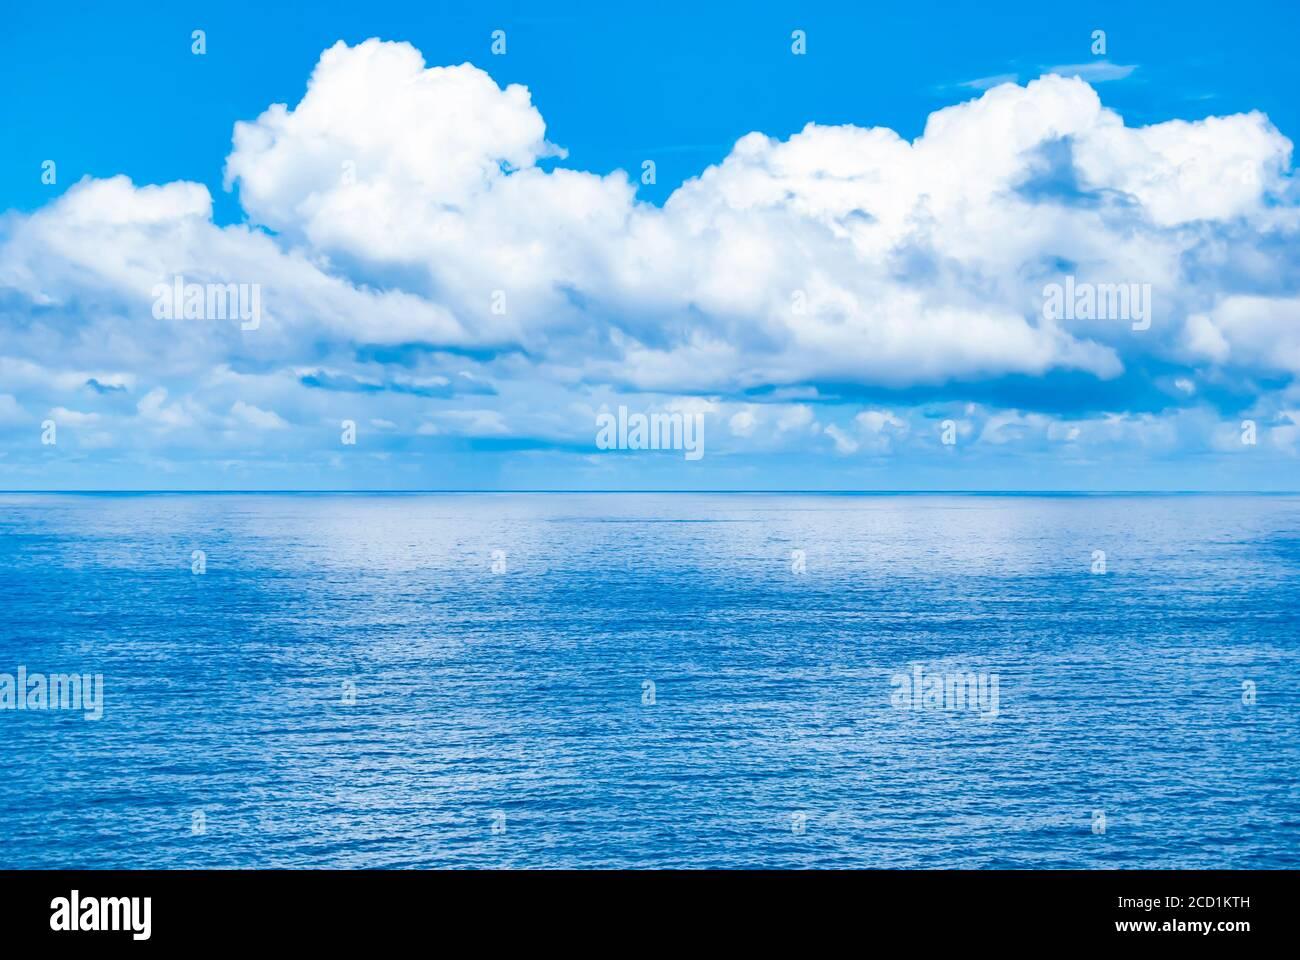 L'océan rencontre le ciel au large de la côte de Maui, Hawaï. Banque D'Images